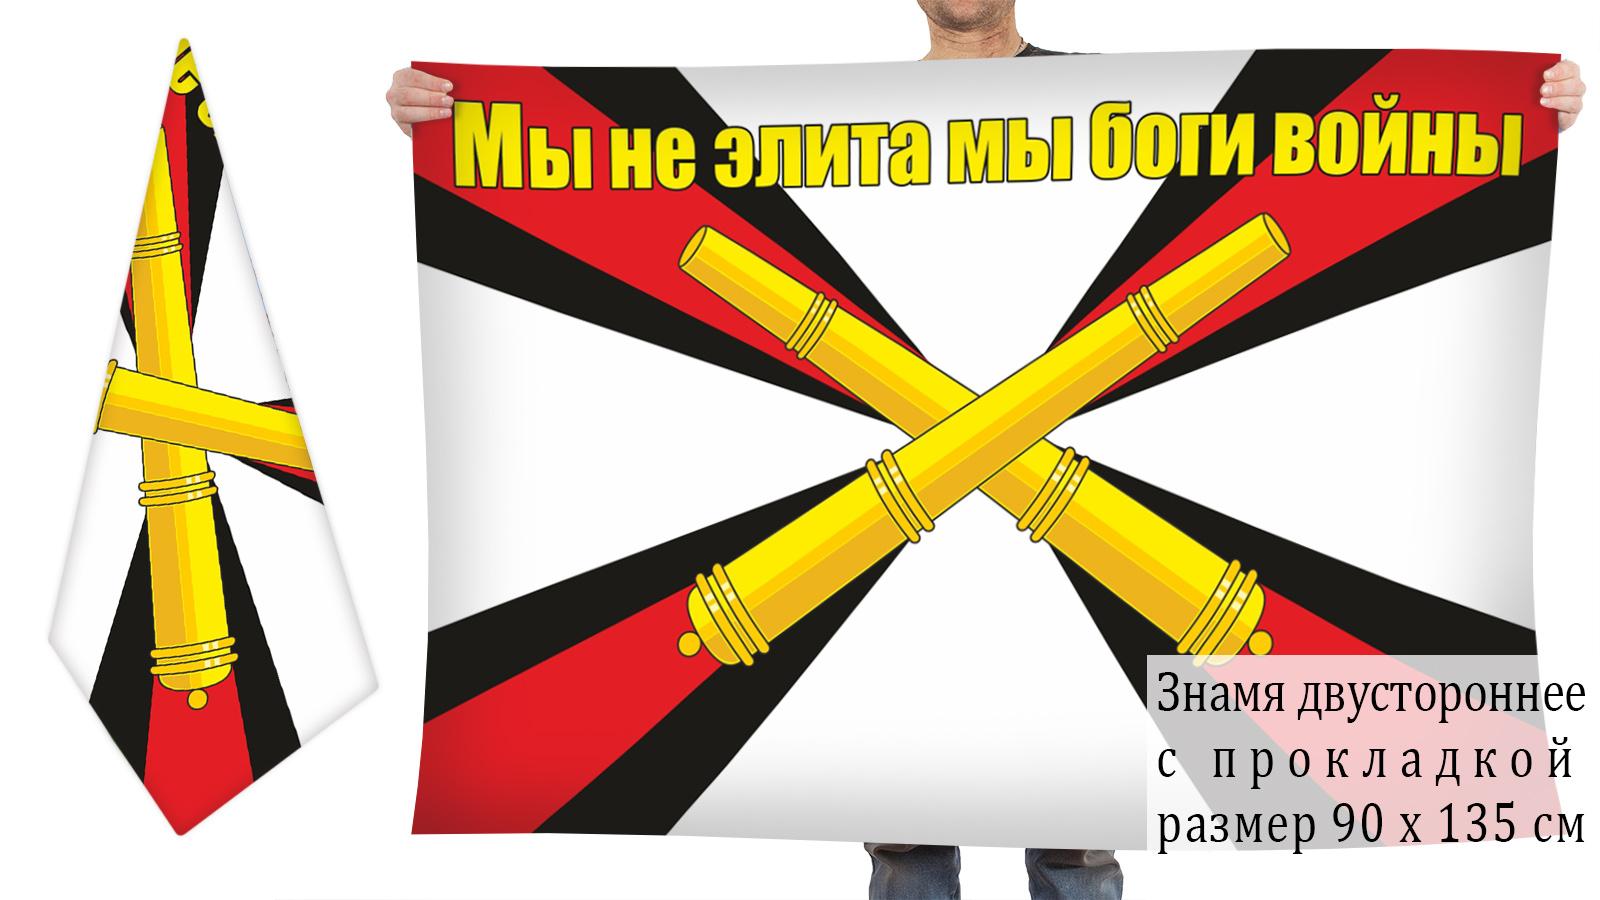 """Двусторонний флаг РВиА """"МЫ НЕ ЭЛИТА МЫ БОГИ ВОЙНЫ"""""""